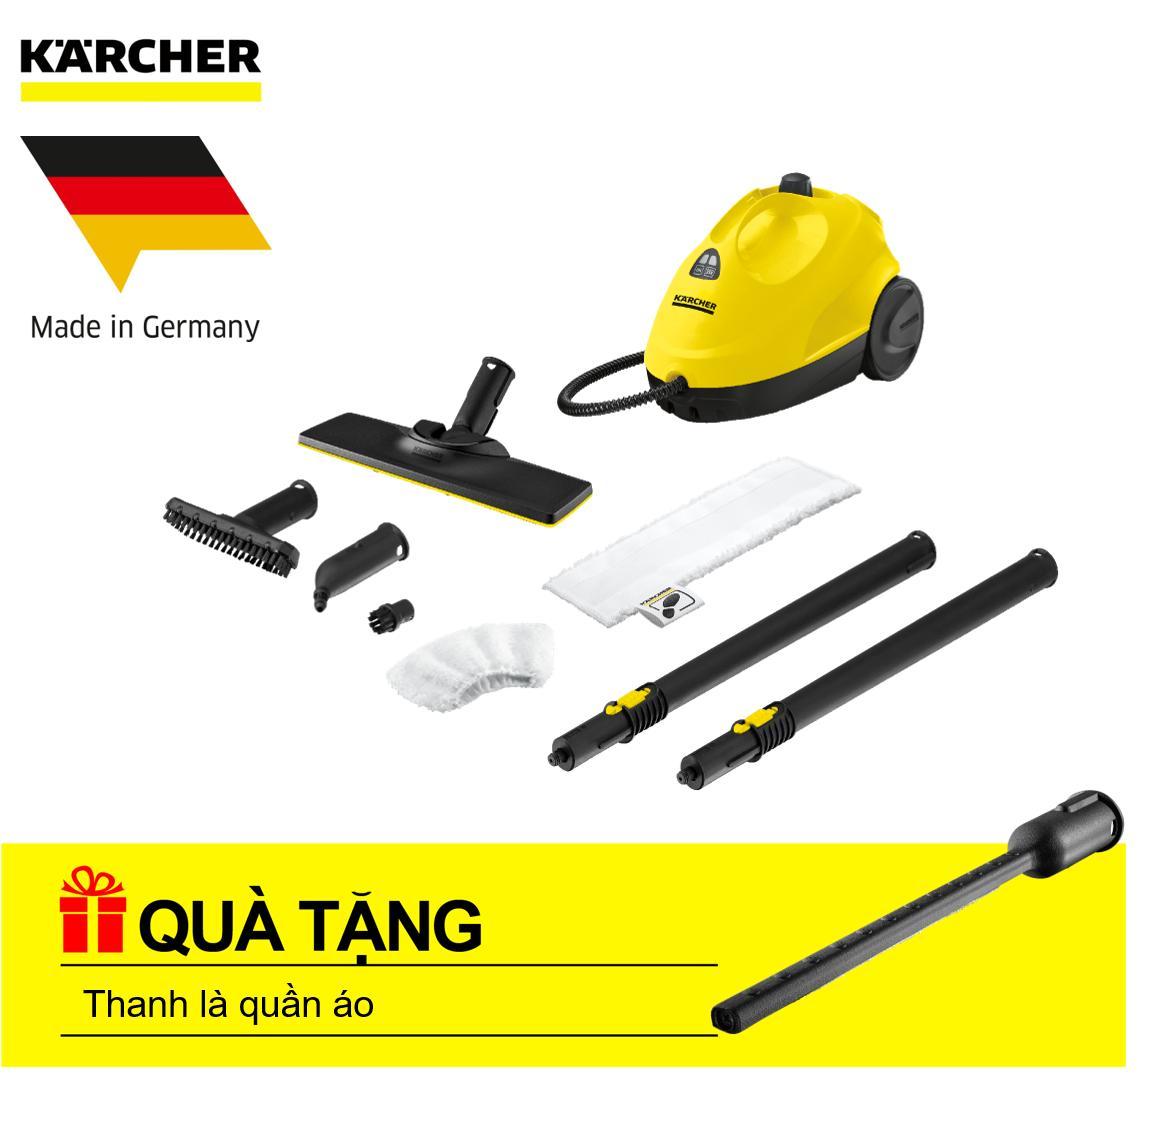 Máy làm sạch bằng hơi nước Karcher SC 2 EasyFix (Tặng ngay thanh là quần áo trị giá 320.000 đồng)